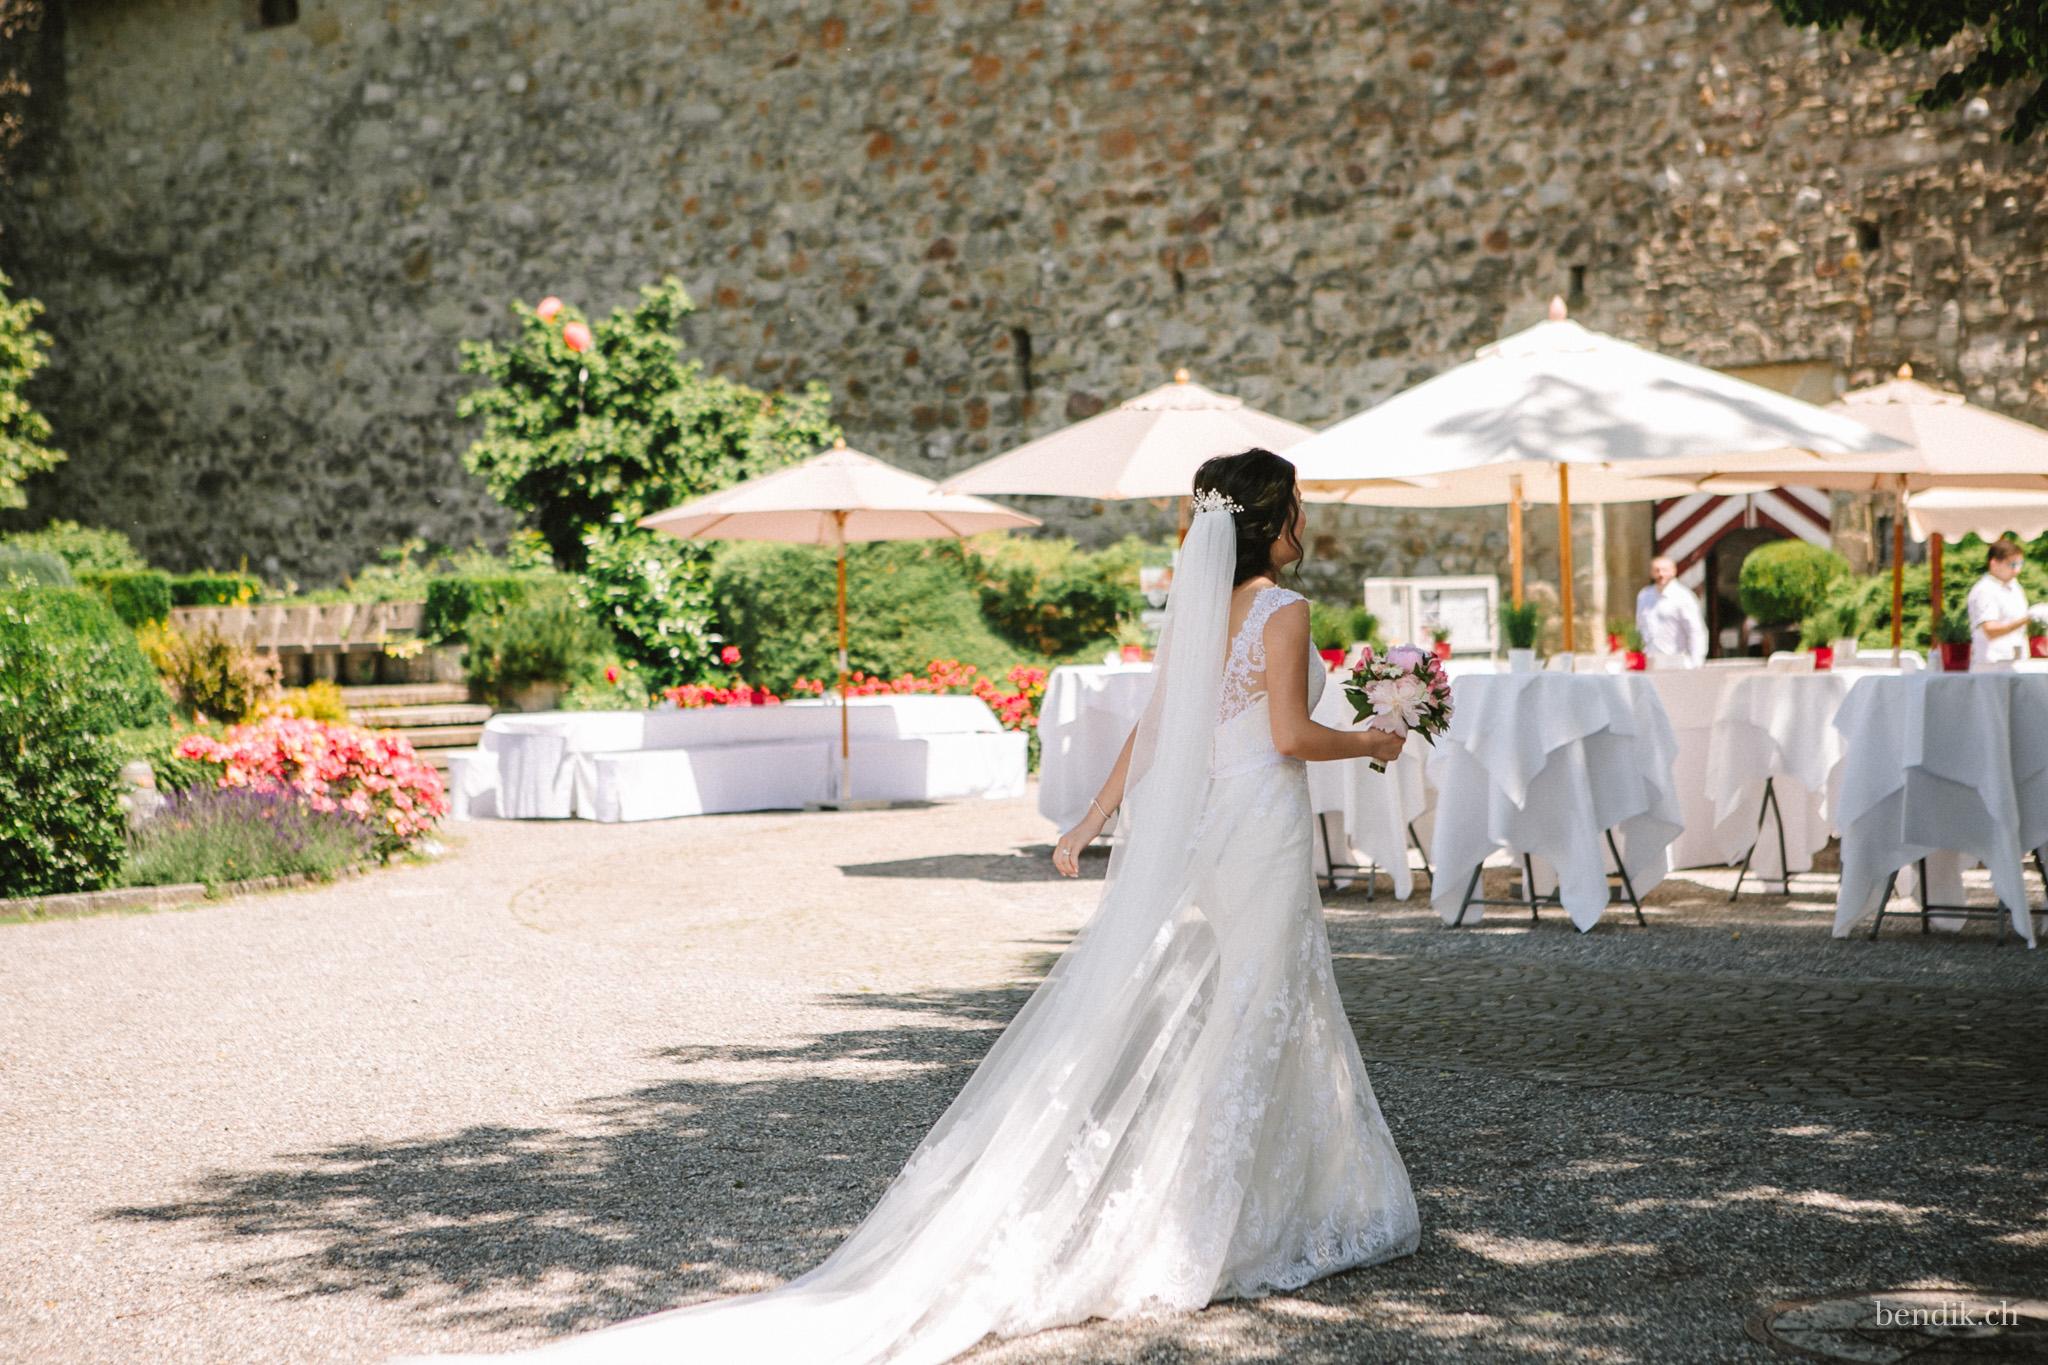 Braut mit weissem Brautkleid und Brautstrauss vor Hochzeitsgedeck